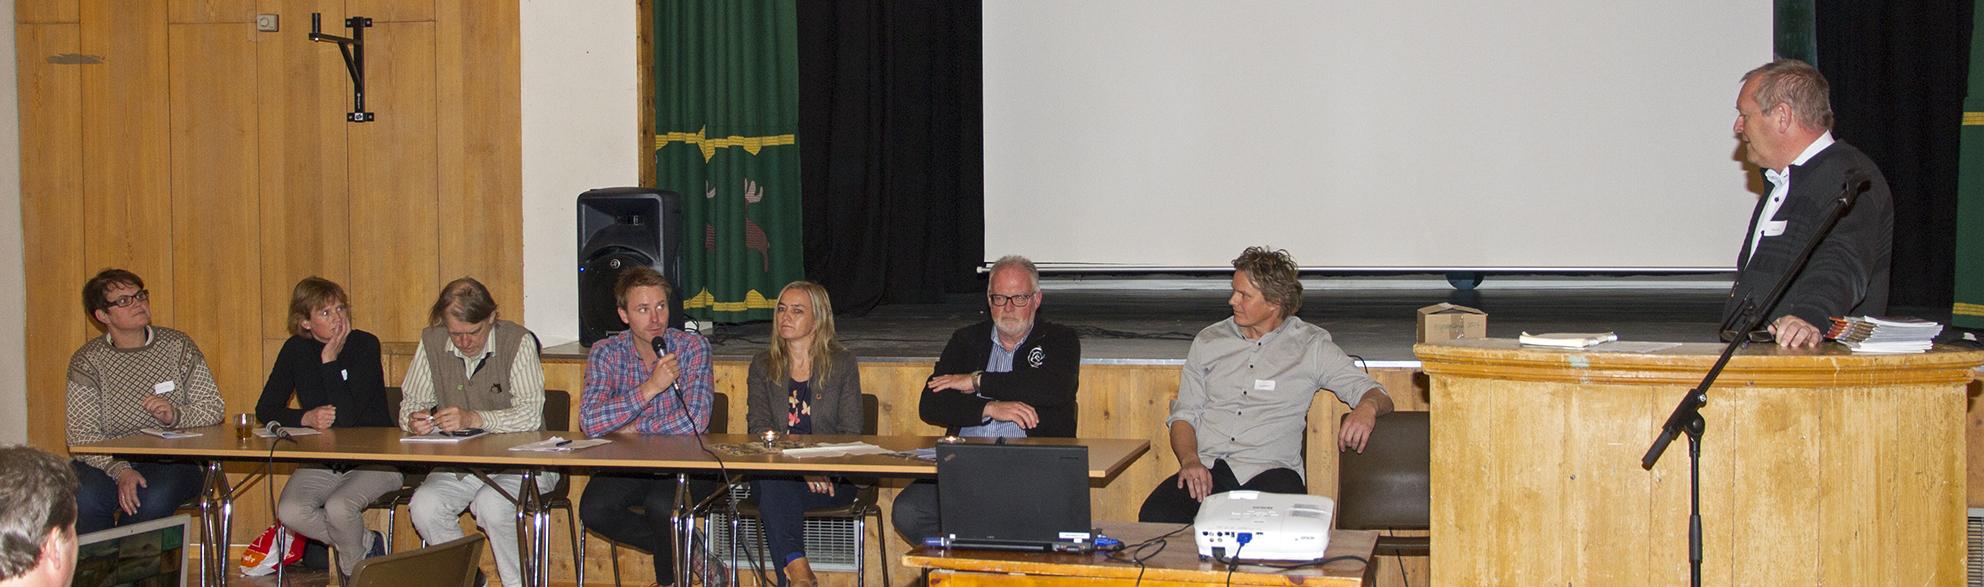 Panelet som avslutningsvis svarte på spørsmål fra salen. Fra venstre Ragnhild Aashaug, (nasjonalparkstyret/Tolga), Birgit Wikan Berg (nasjonalparkstyret/Os), Jan Bojer Vindheim (Fylkesutvalget S-T), Erlend Eggen (Turapp), Linda Ramberg (Destinasjon Røros), Olav Nord-Varhaug (nasjonalparkseksjonen i Miljødirektoratet) og Vegard Gundersen (NINA). Møteleder er Erling Lenvik (leder i nasjonalparkstyret). Foto: A. Nyaas